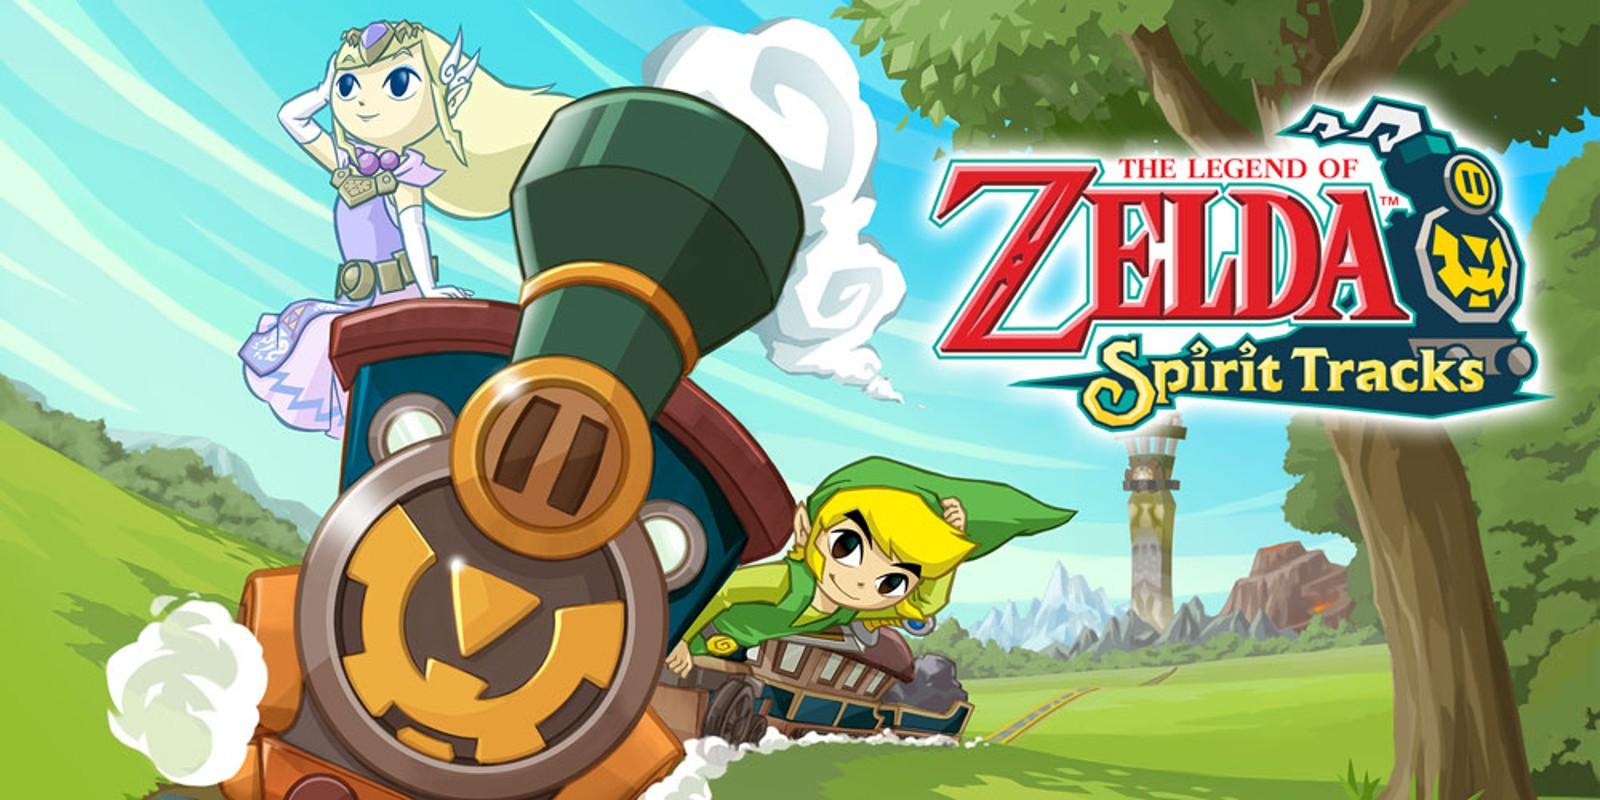 Zelda Ocarina Of Time 3d Wallpaper The Legend Of Zelda Spirit Tracks Nintendo Ds Jeux